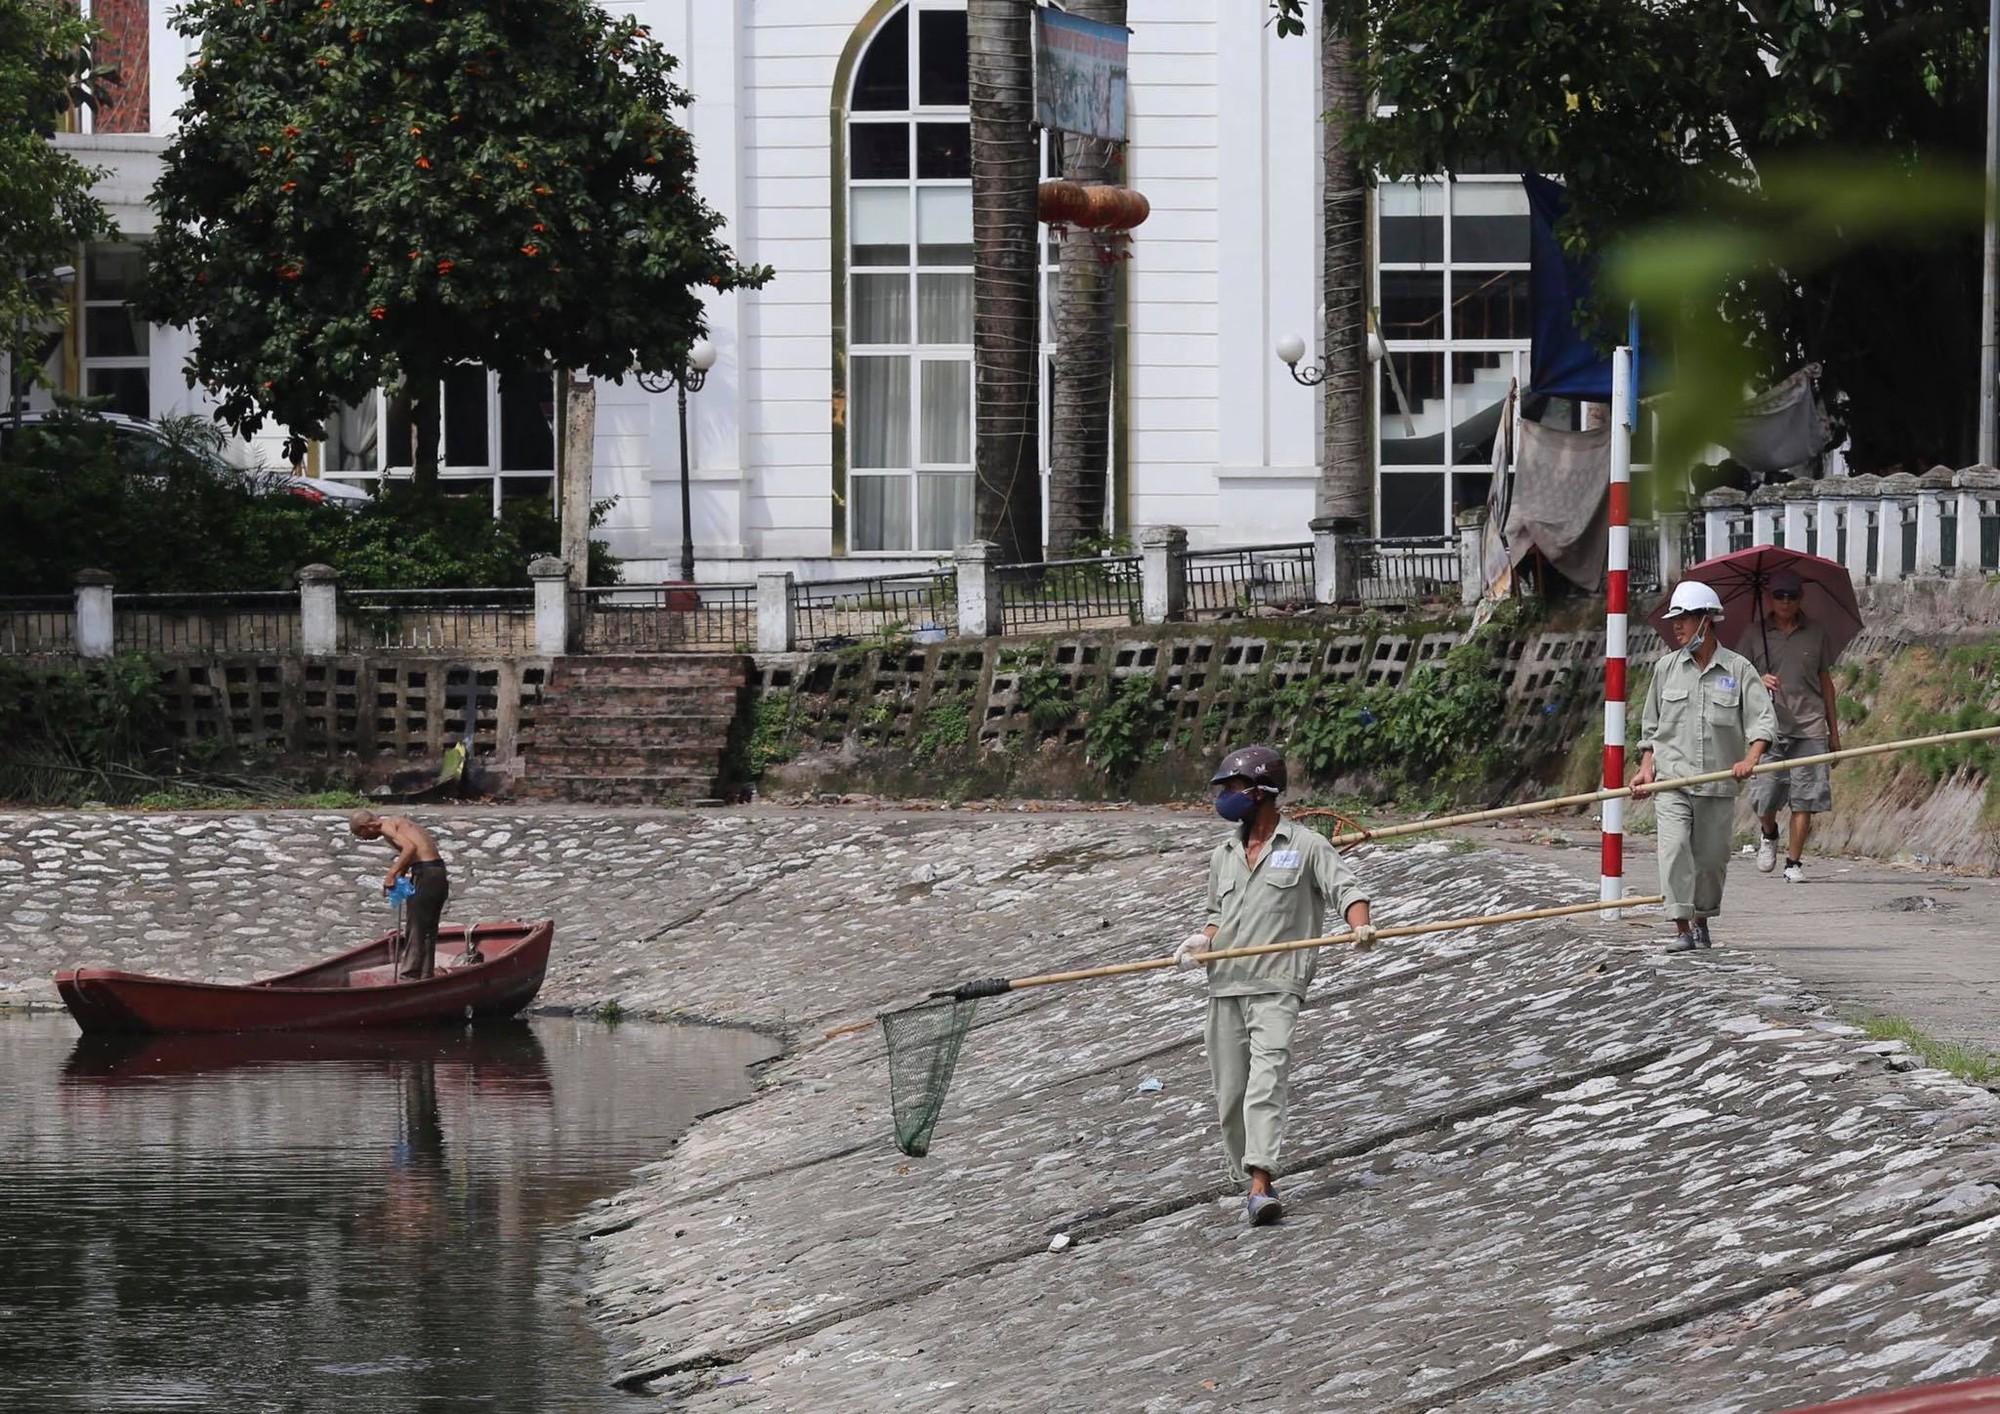 Hà Nội: Cá lại tiếp tục chết, bốc mùi hôi thối ở hồ Hoàng Cầu 4